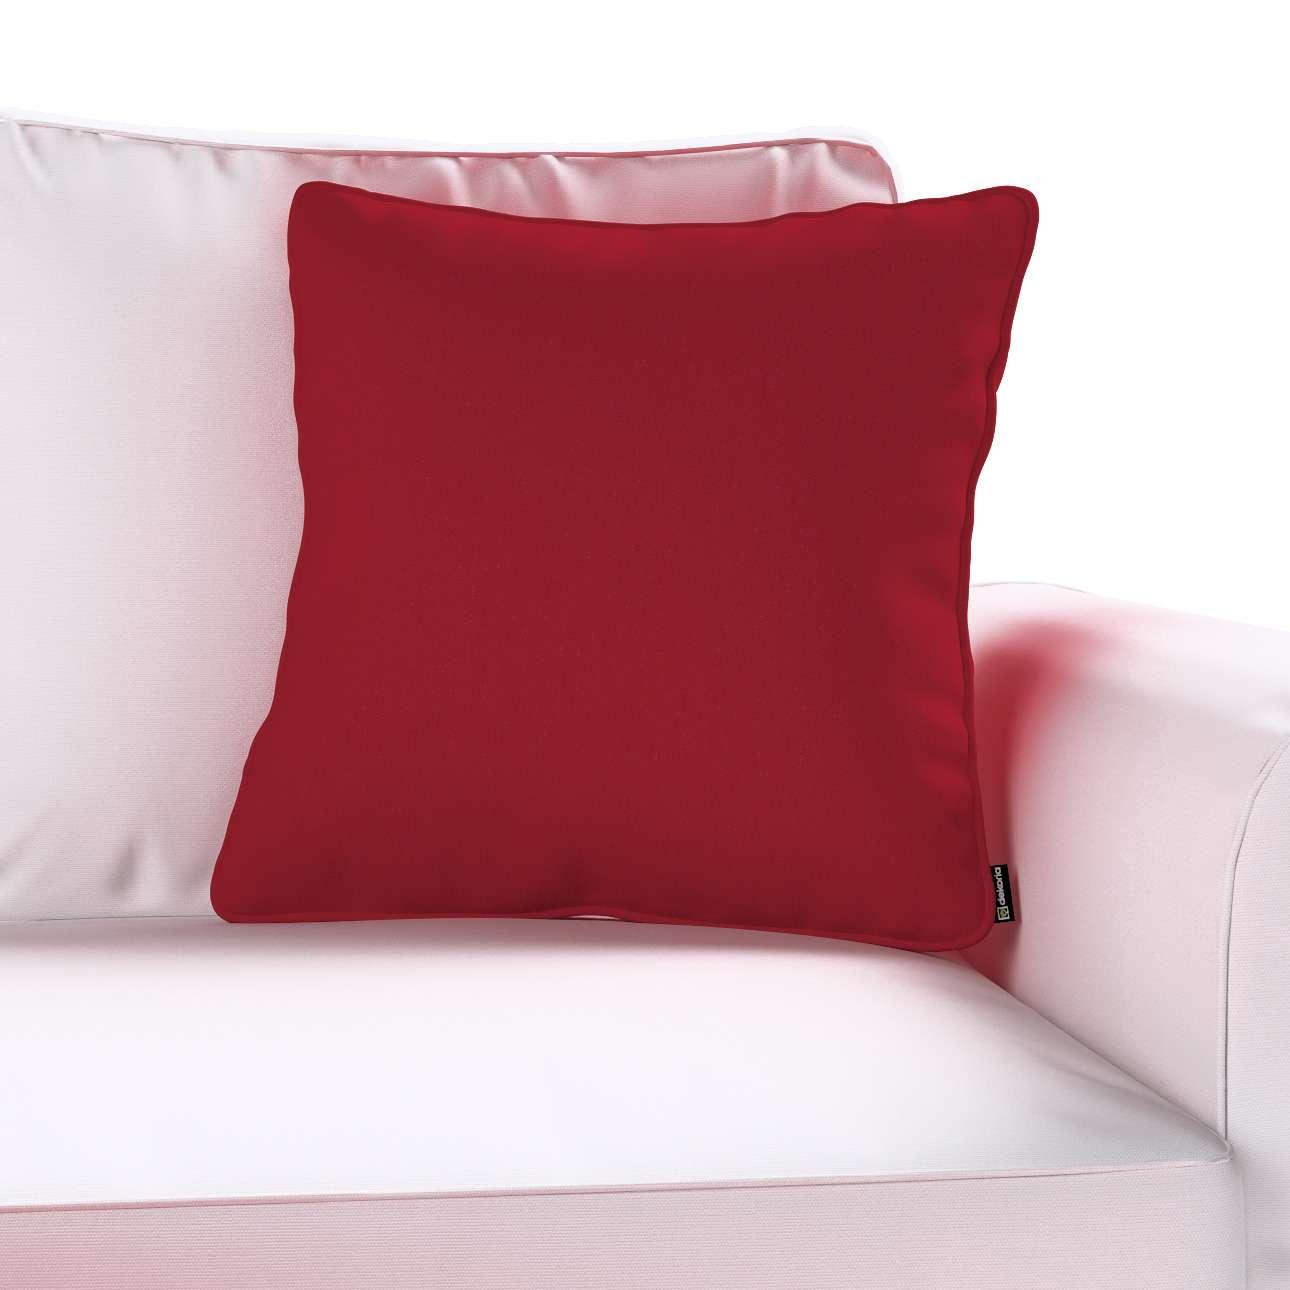 Poszewka Gabi na poduszkę 45 x 45 cm w kolekcji Chenille, tkanina: 702-24